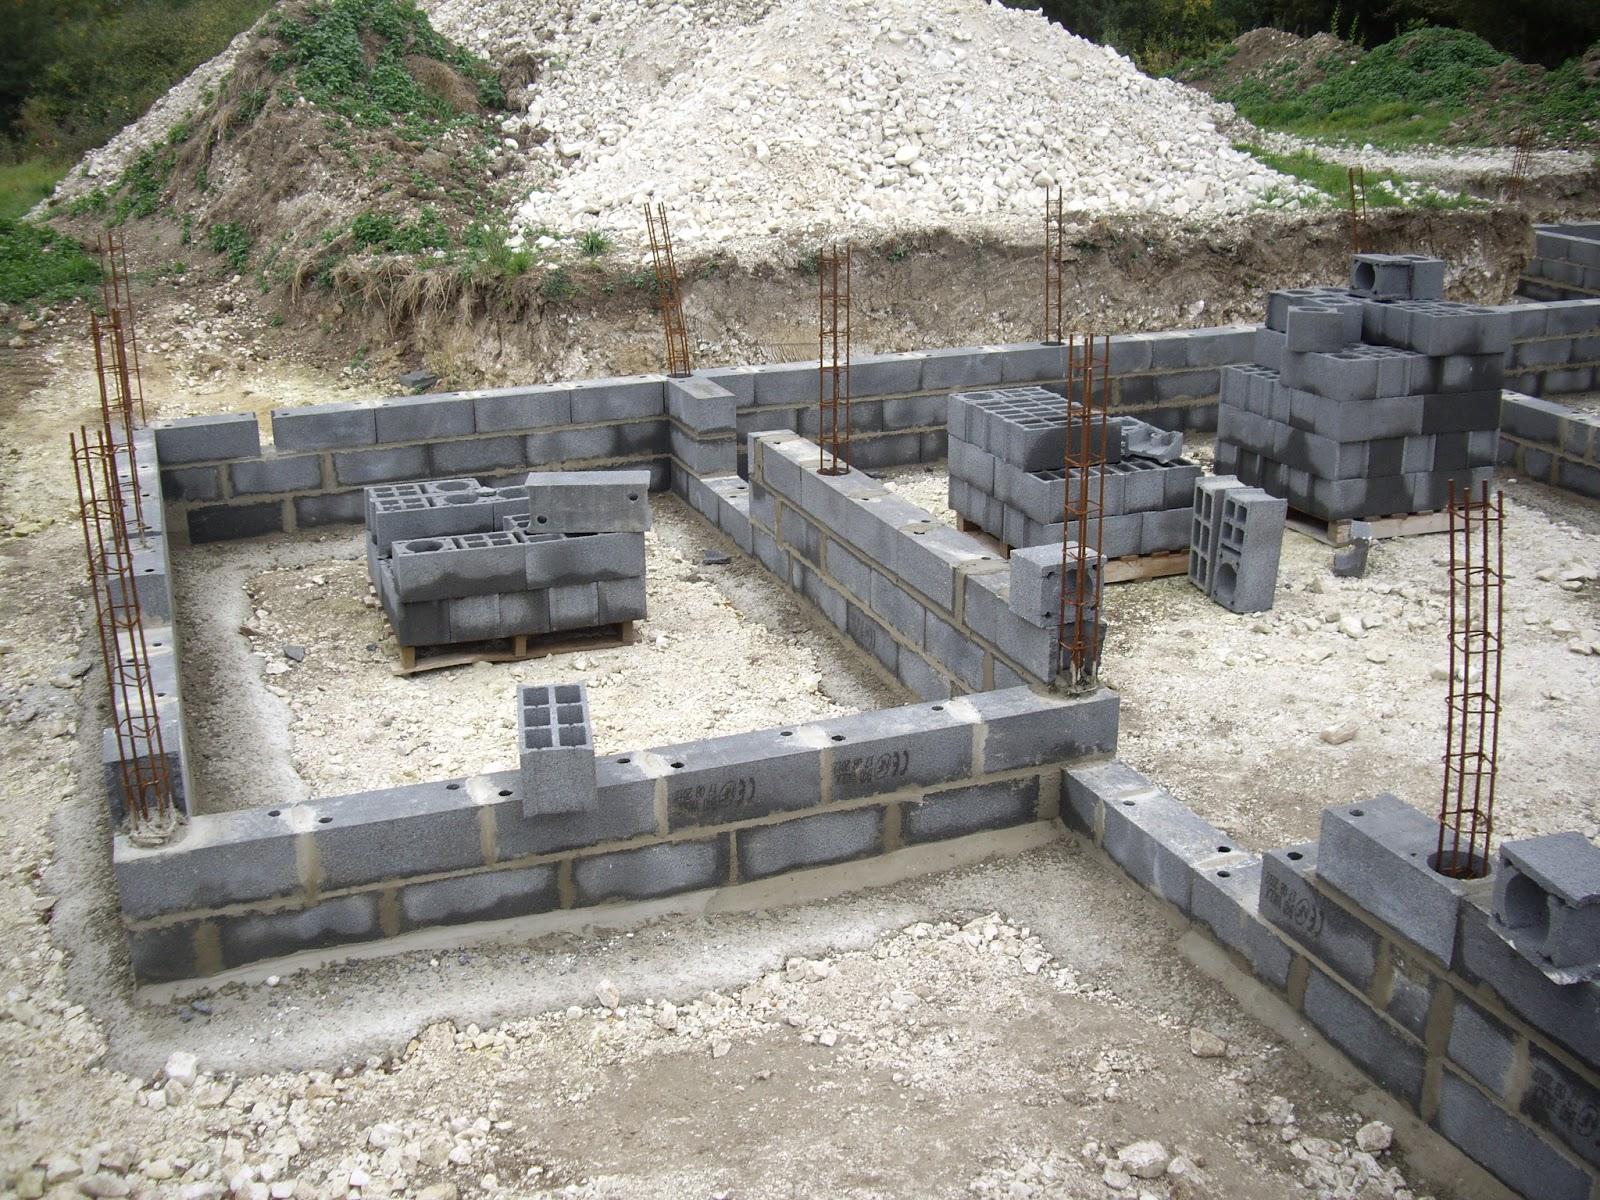 Notre autoconstruction passive  Maison ossature bois (MOB) Vide sanitai